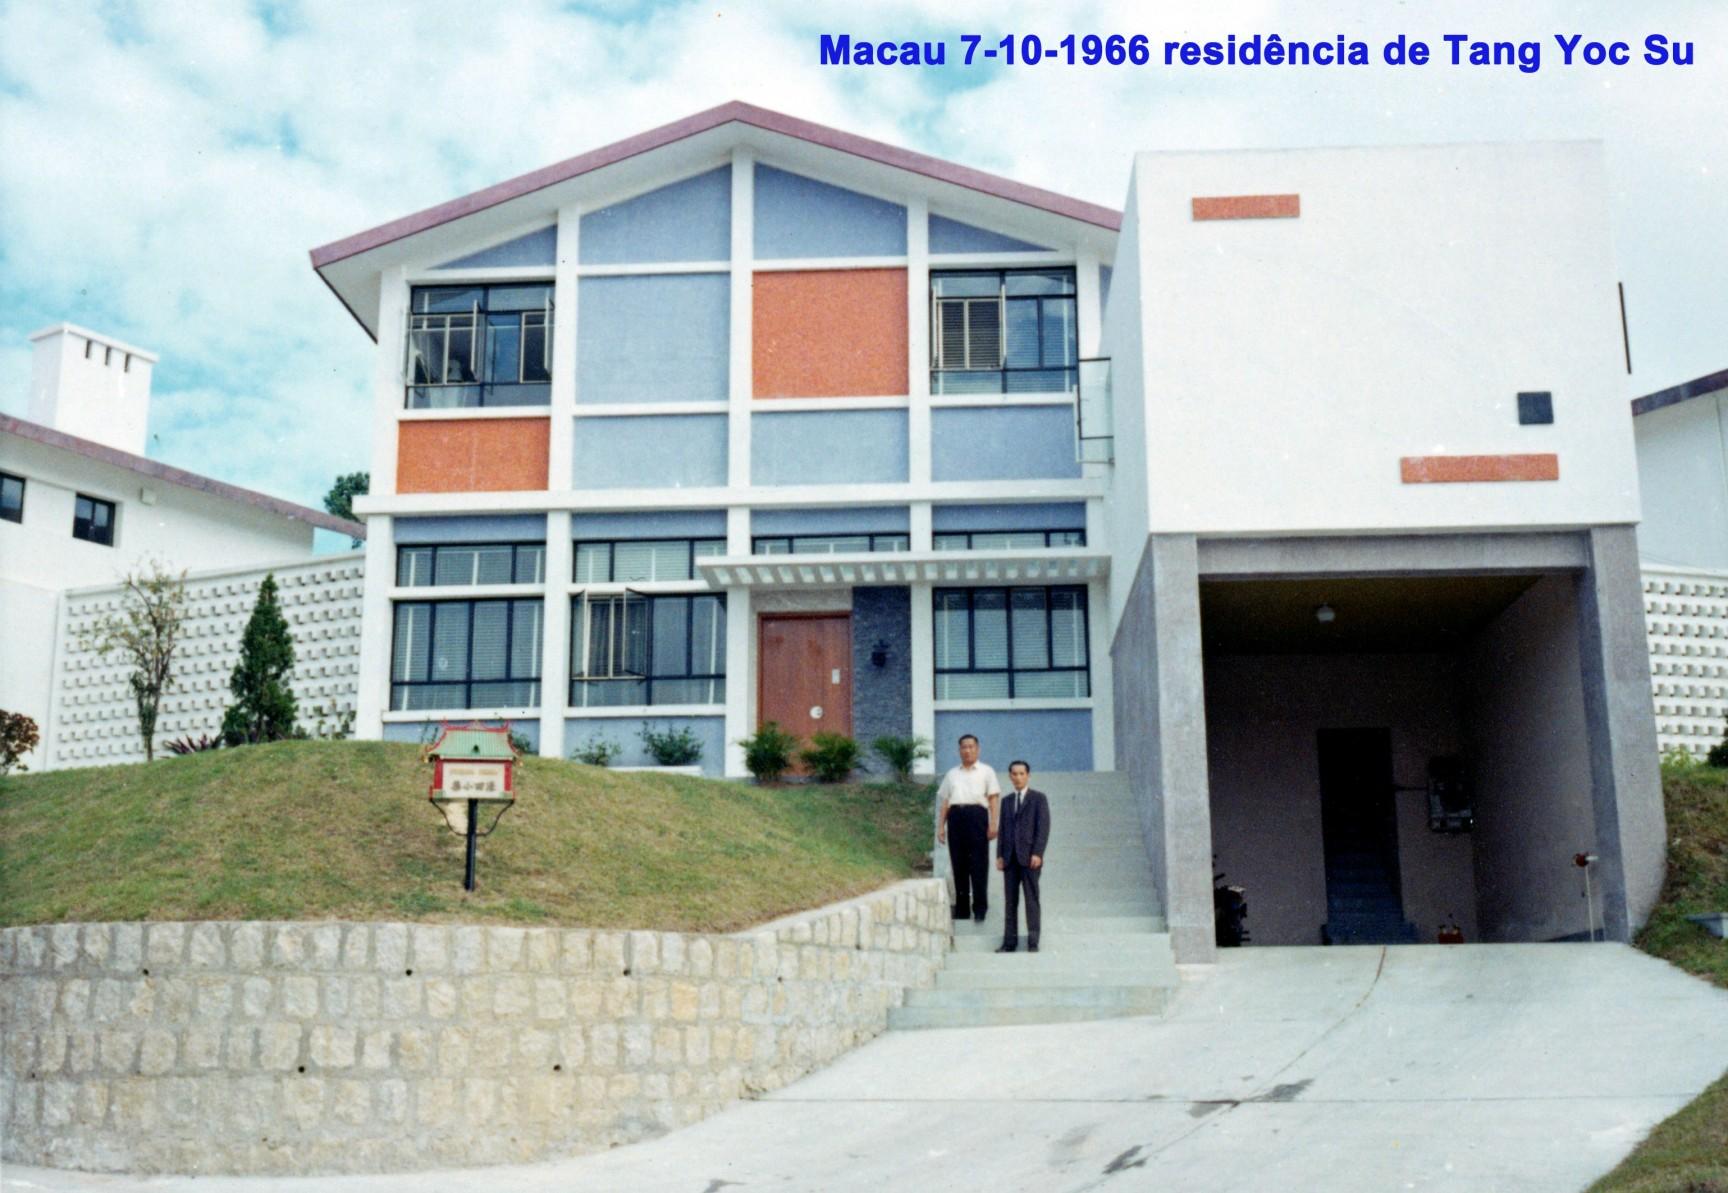 042 66-10-07 residência de Tang Yoc Su